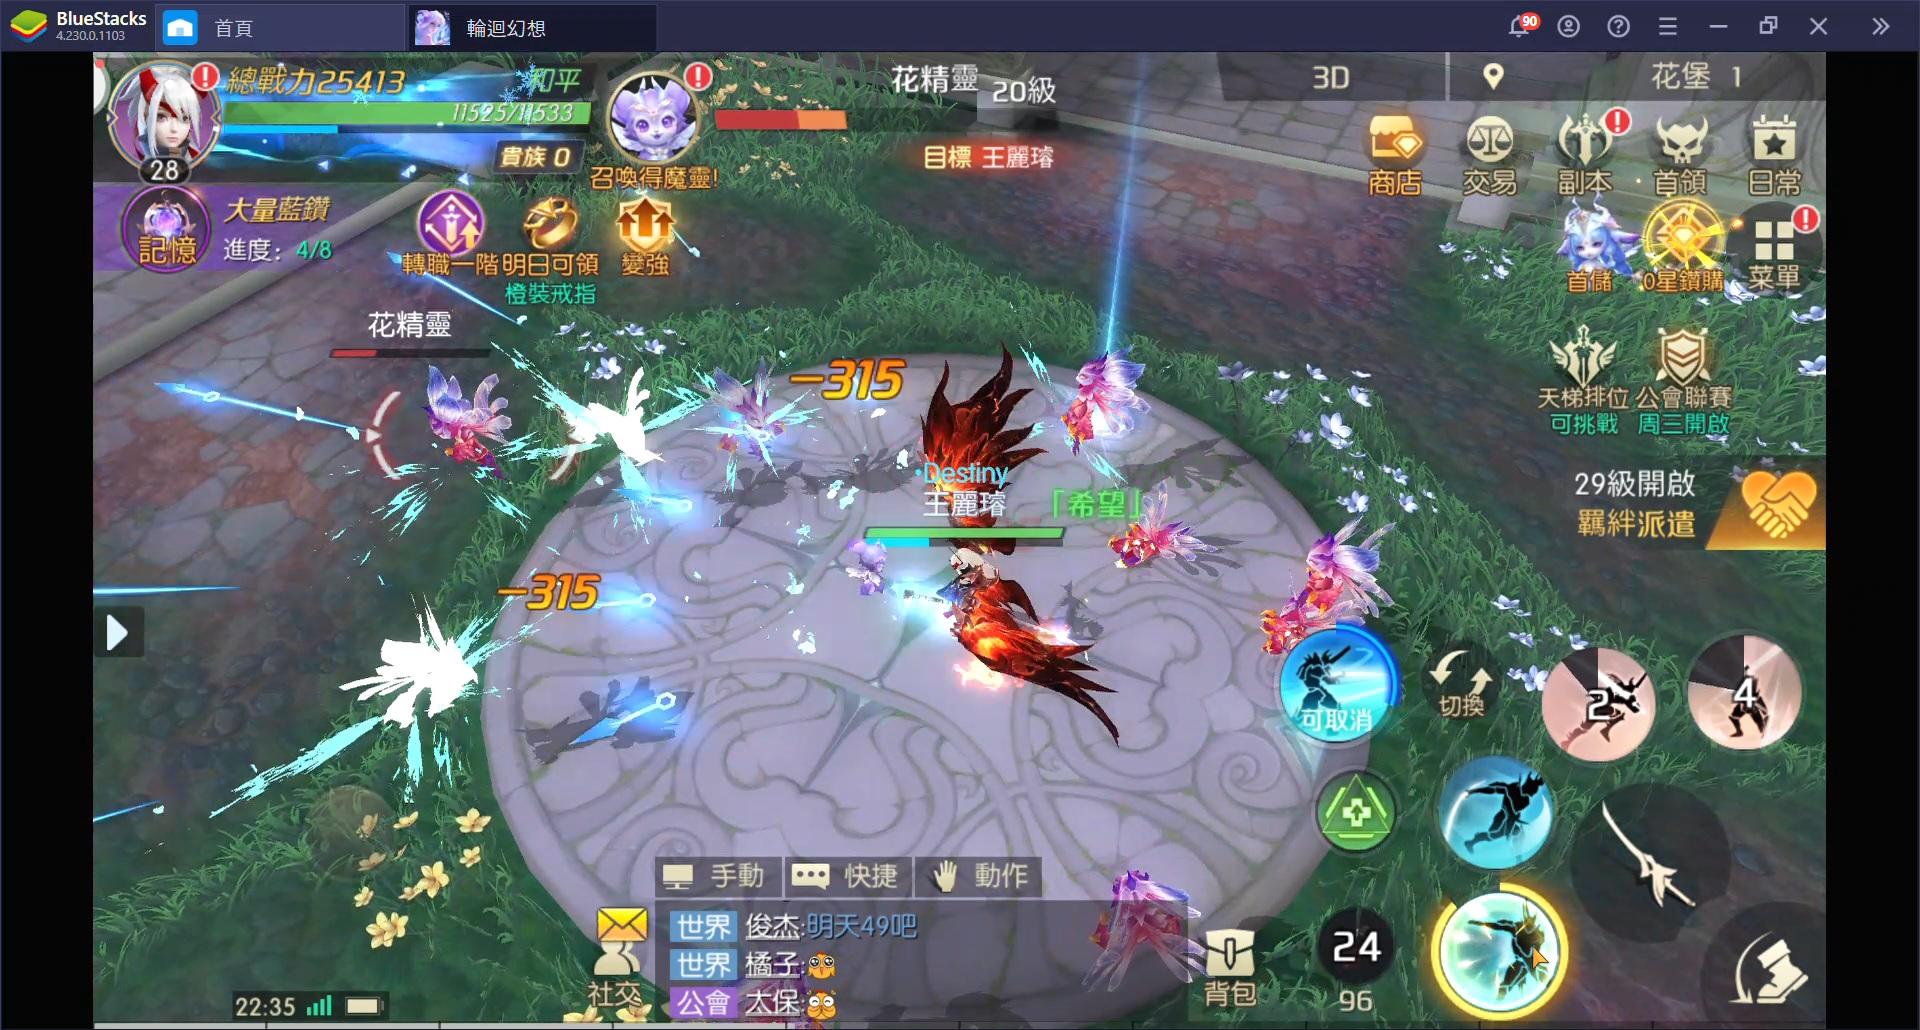 《輪迴幻想》:【魔導士】、【刀客】和【戰士】之進階職業技能